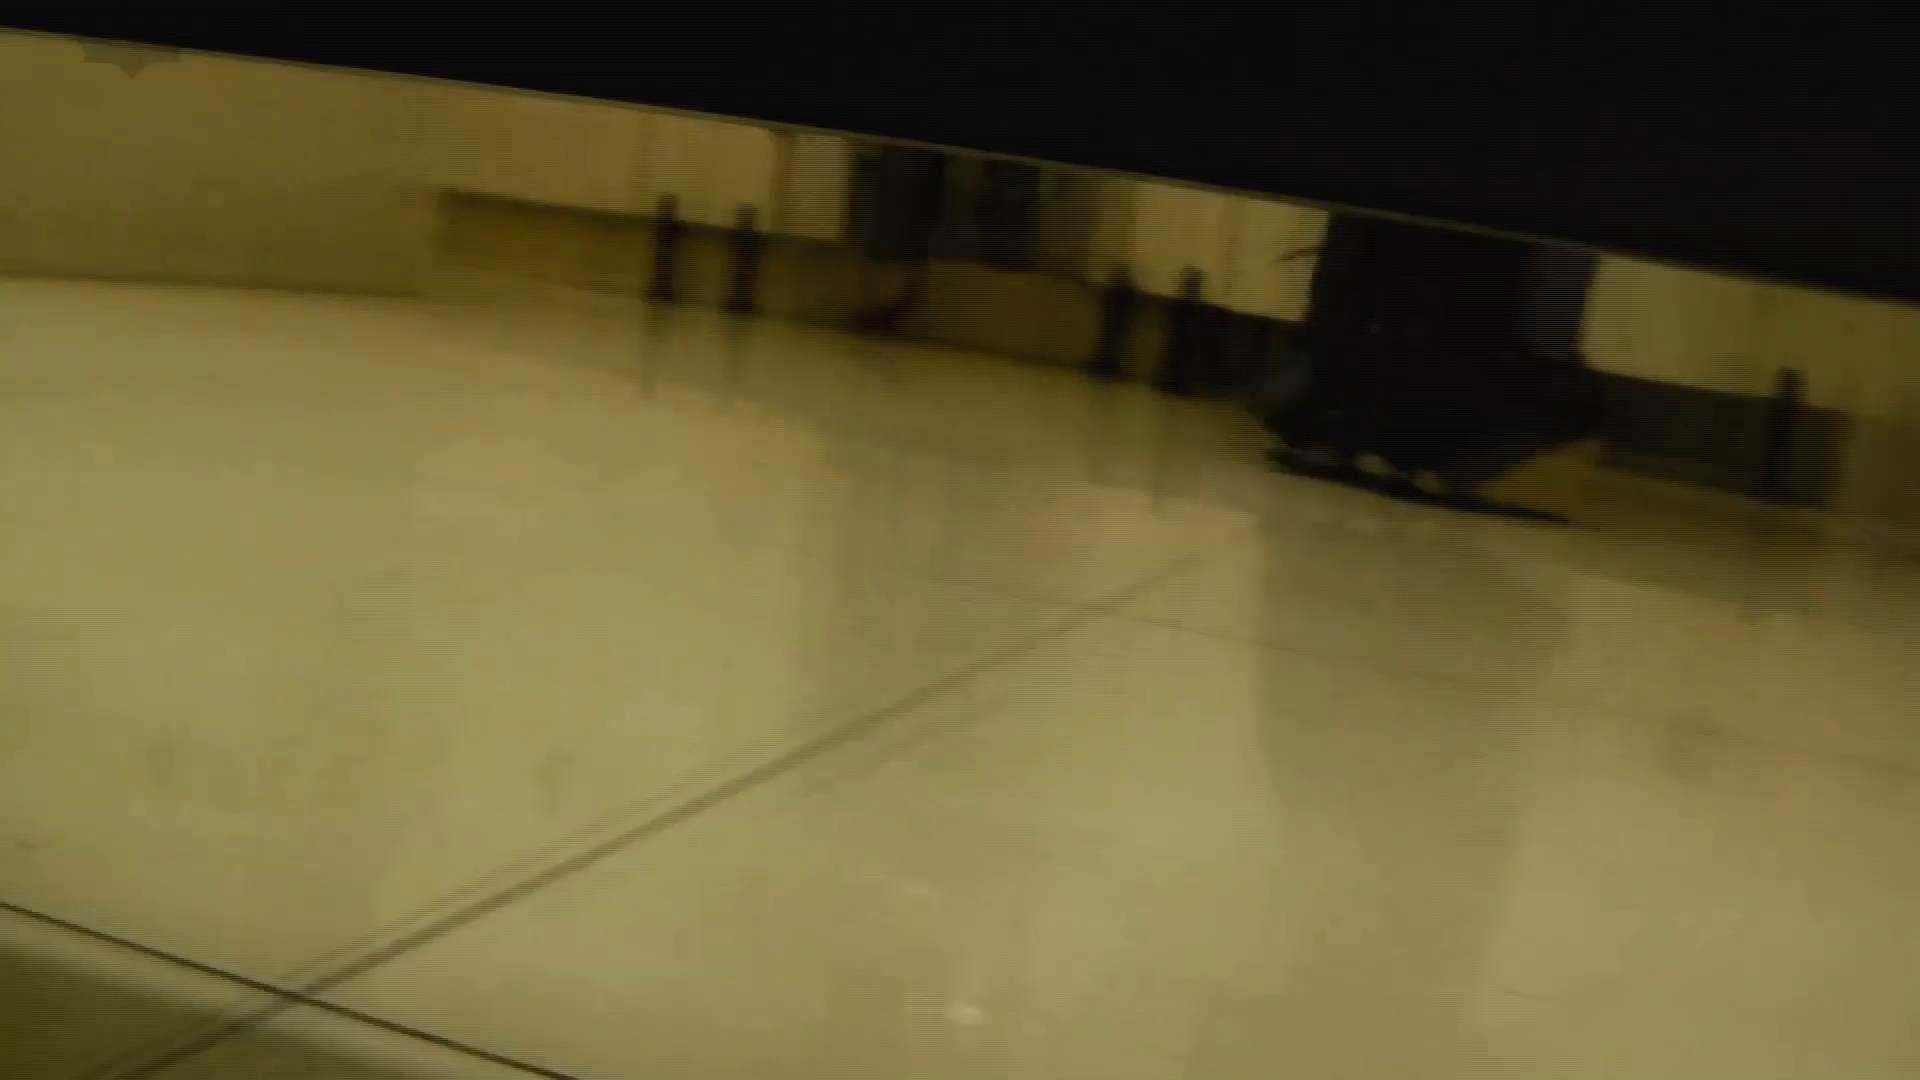 新世界の射窓 No78 トリンドル 玲奈似登場シリーズ美女率最高作! 高画質 AV動画キャプチャ 103画像 100